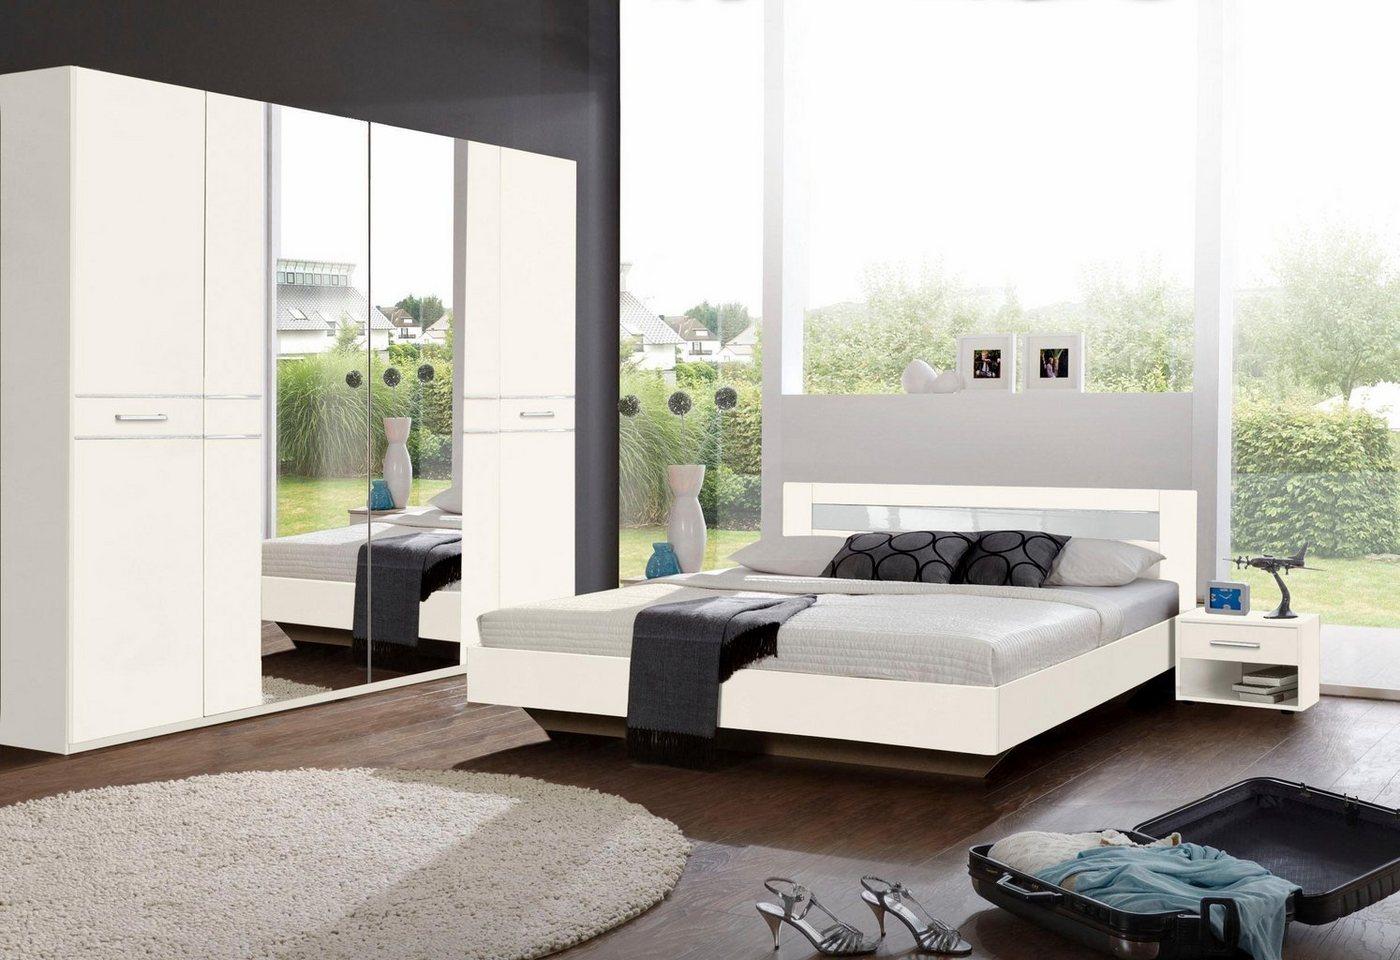 WIMEX slaapkamerserie met garderobekast (4-dlg.)